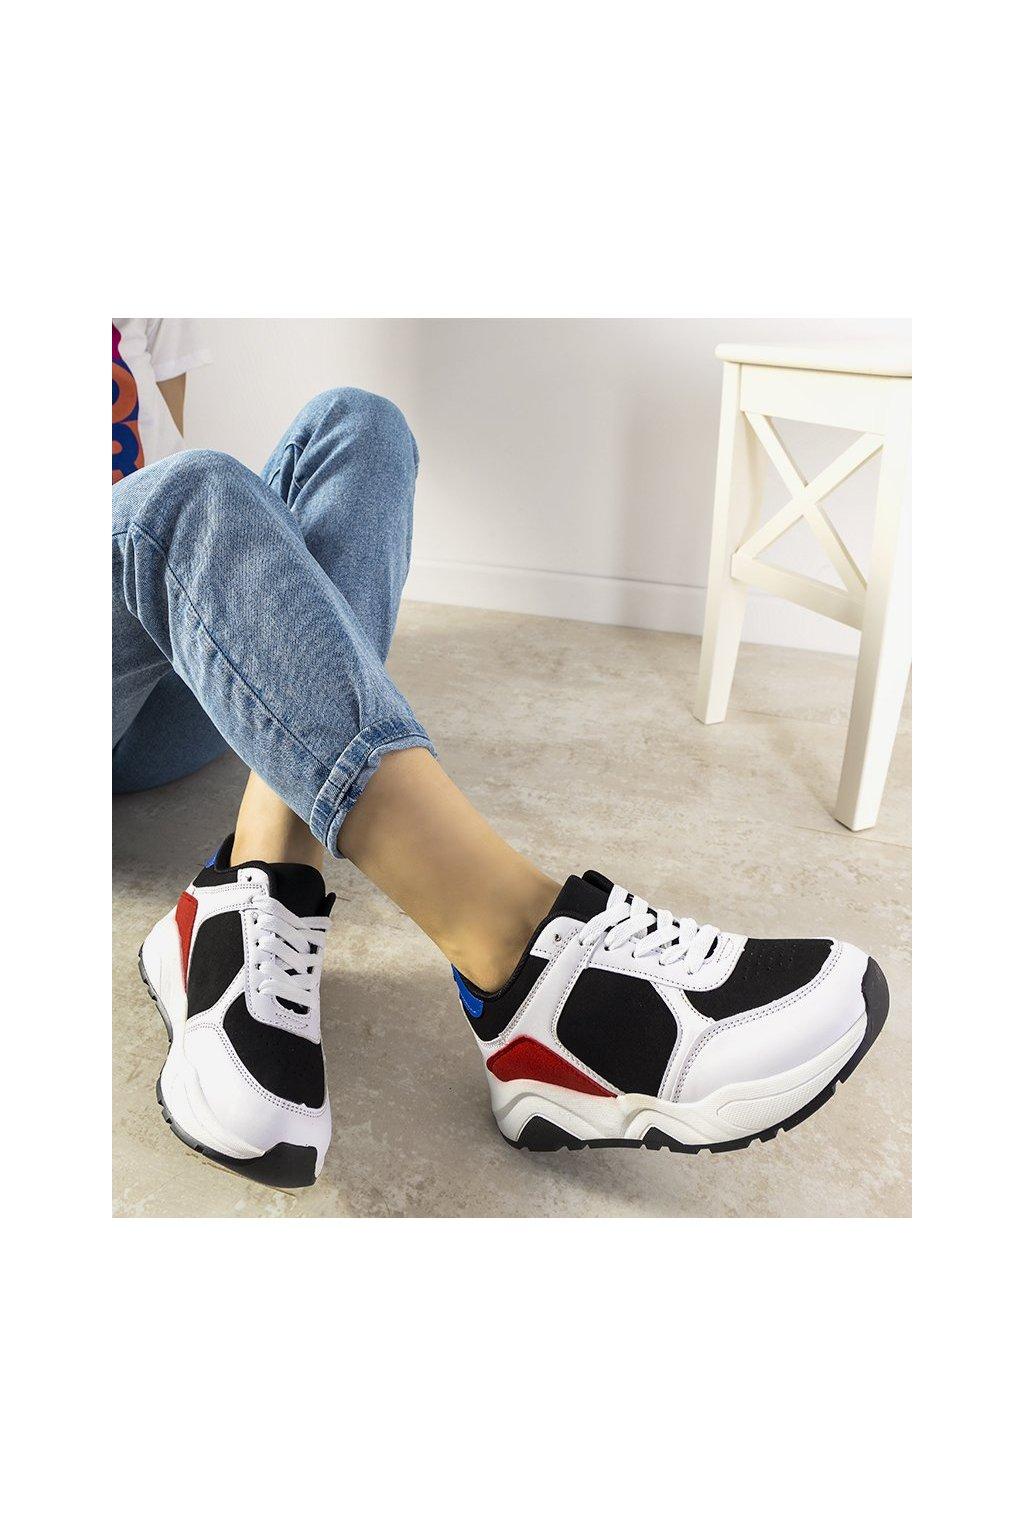 Dámske topánky tenisky biele kód E2021 - GM